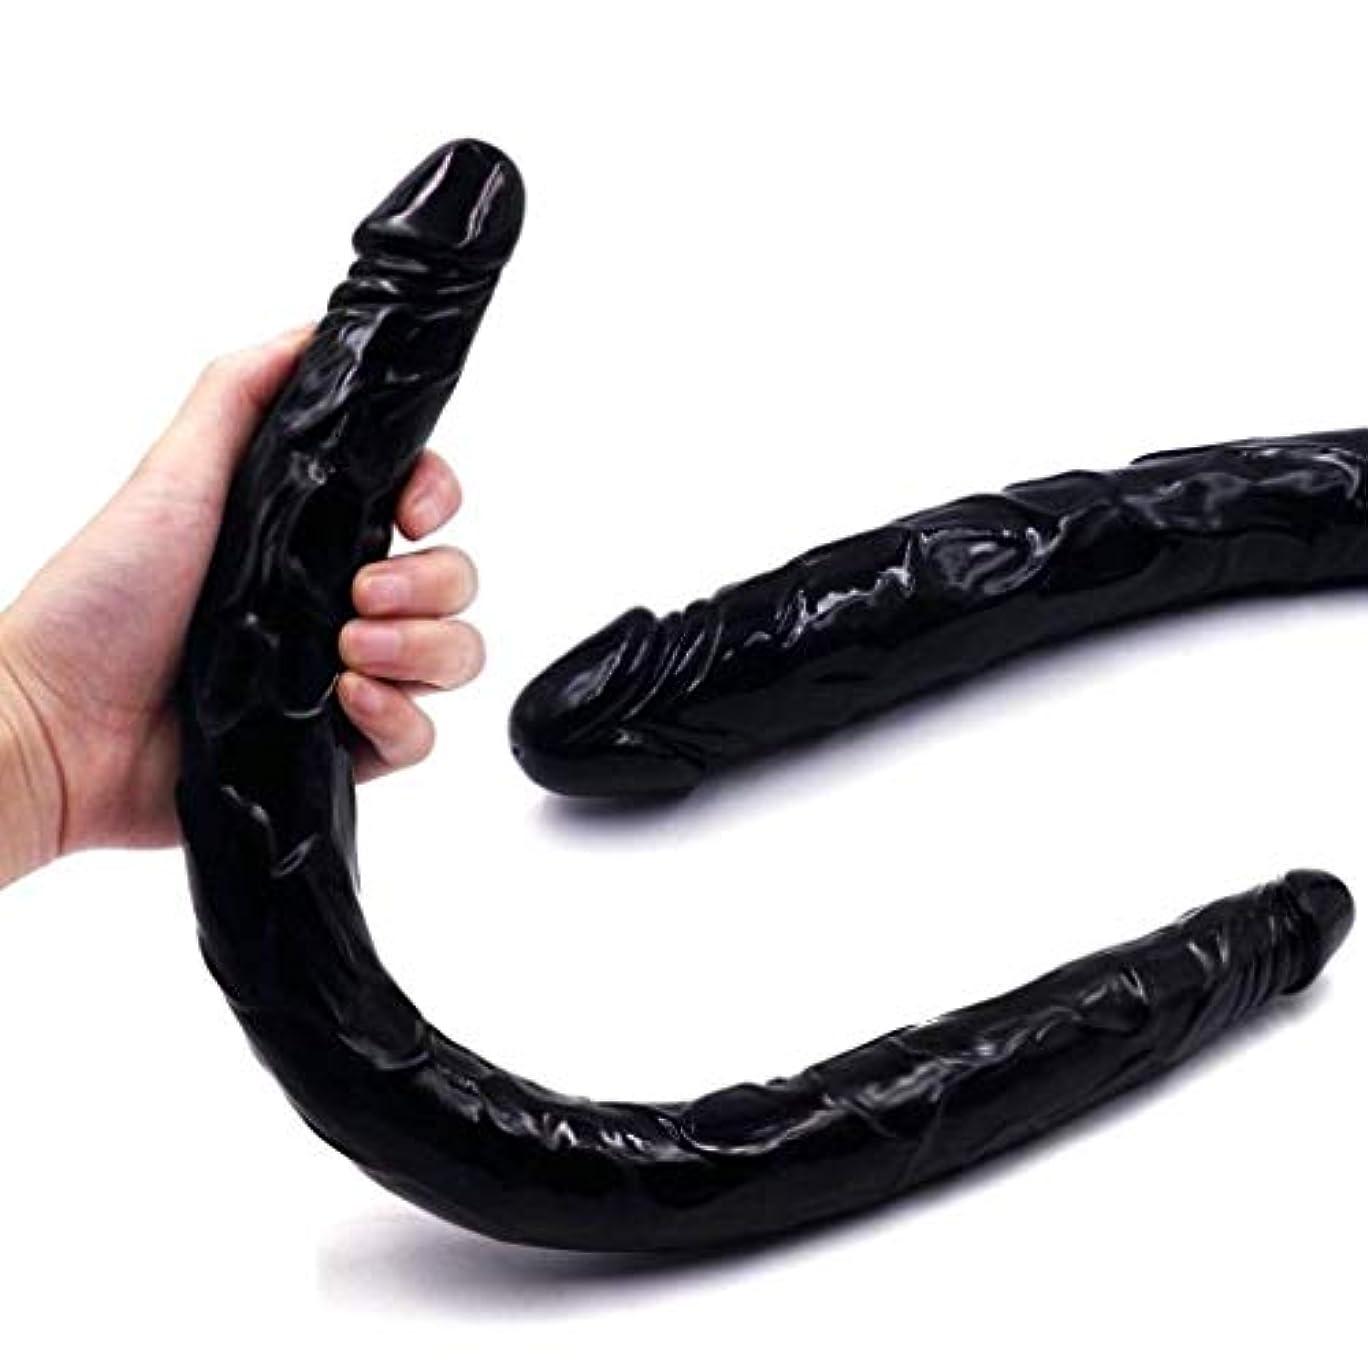 実現可能性文庫本花火Risareyi 21.56インチ等身大の巨大なおもちゃ、3D超現実的なおもちゃ、女性のためのパーソナルリラックスツール女性Tシャツ (Color : 黒)